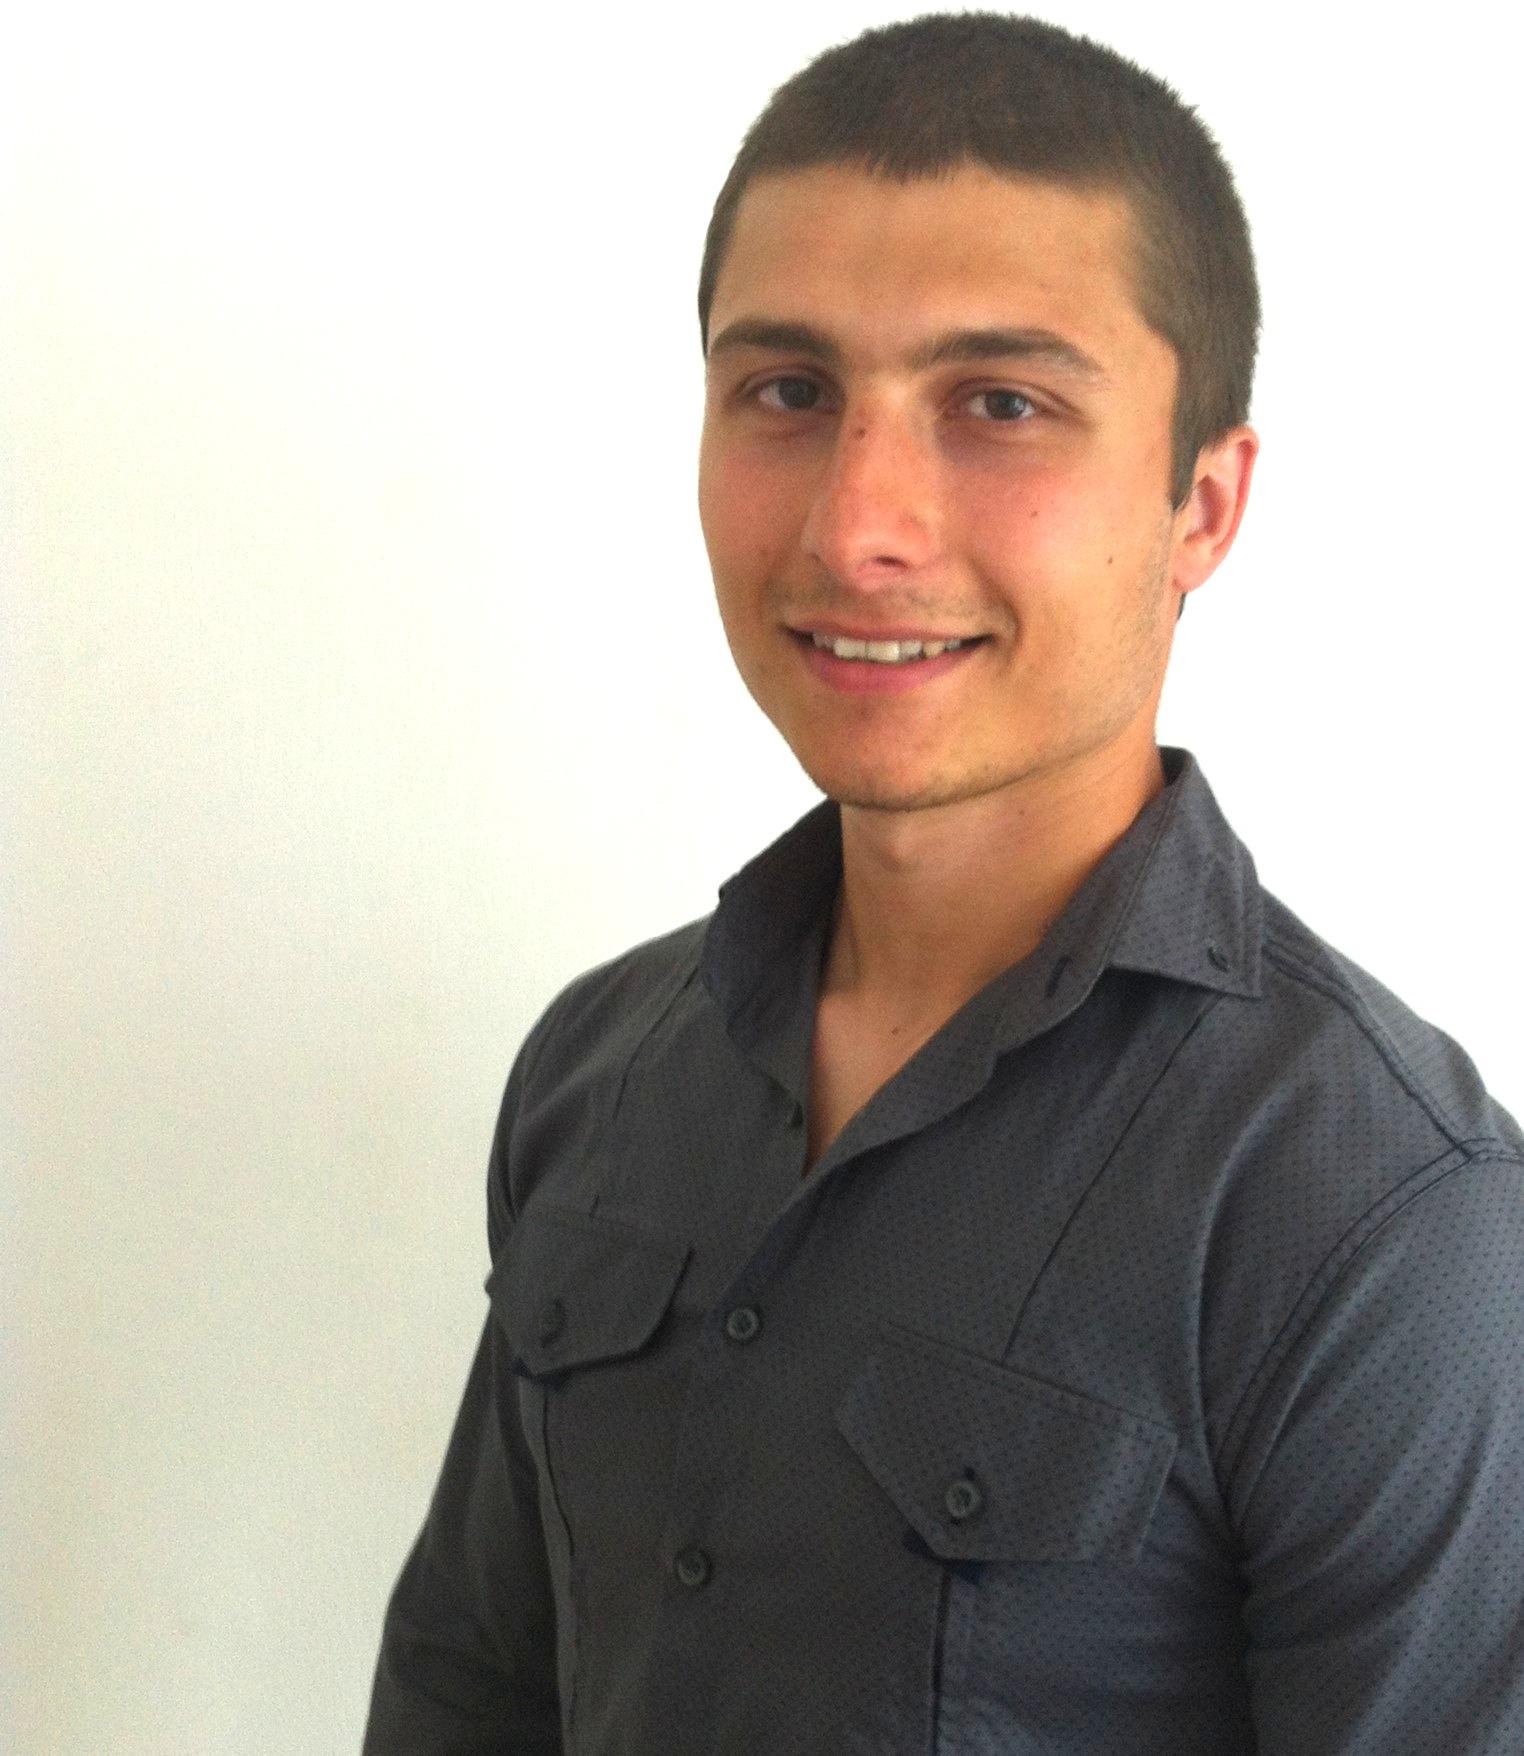 Freelance WordPress Developer - Yordan Kostadinov